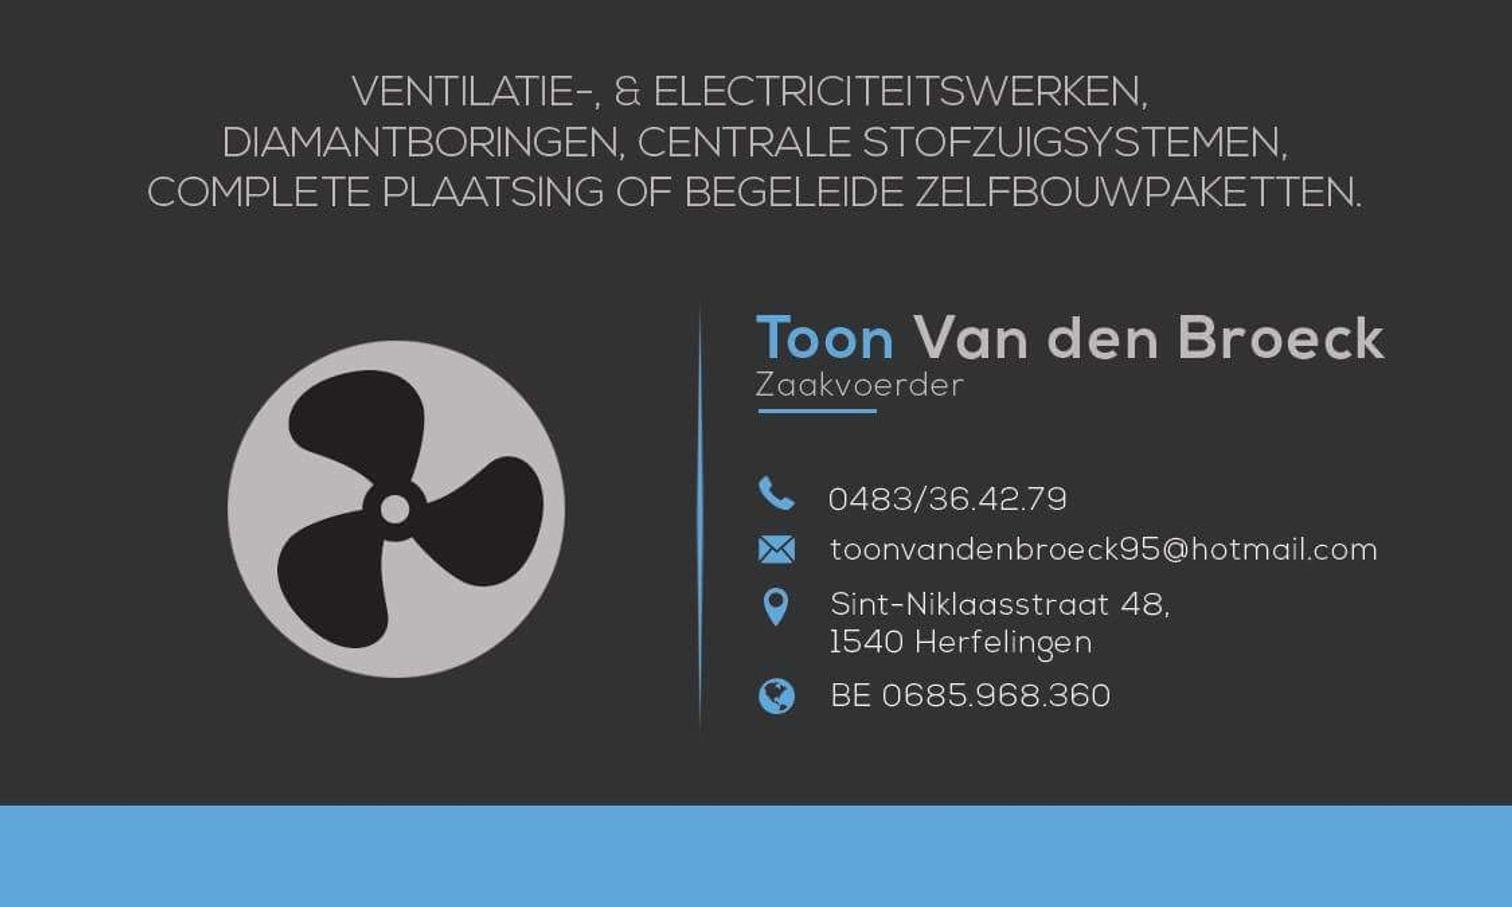 logo Van Den Broeck Toon